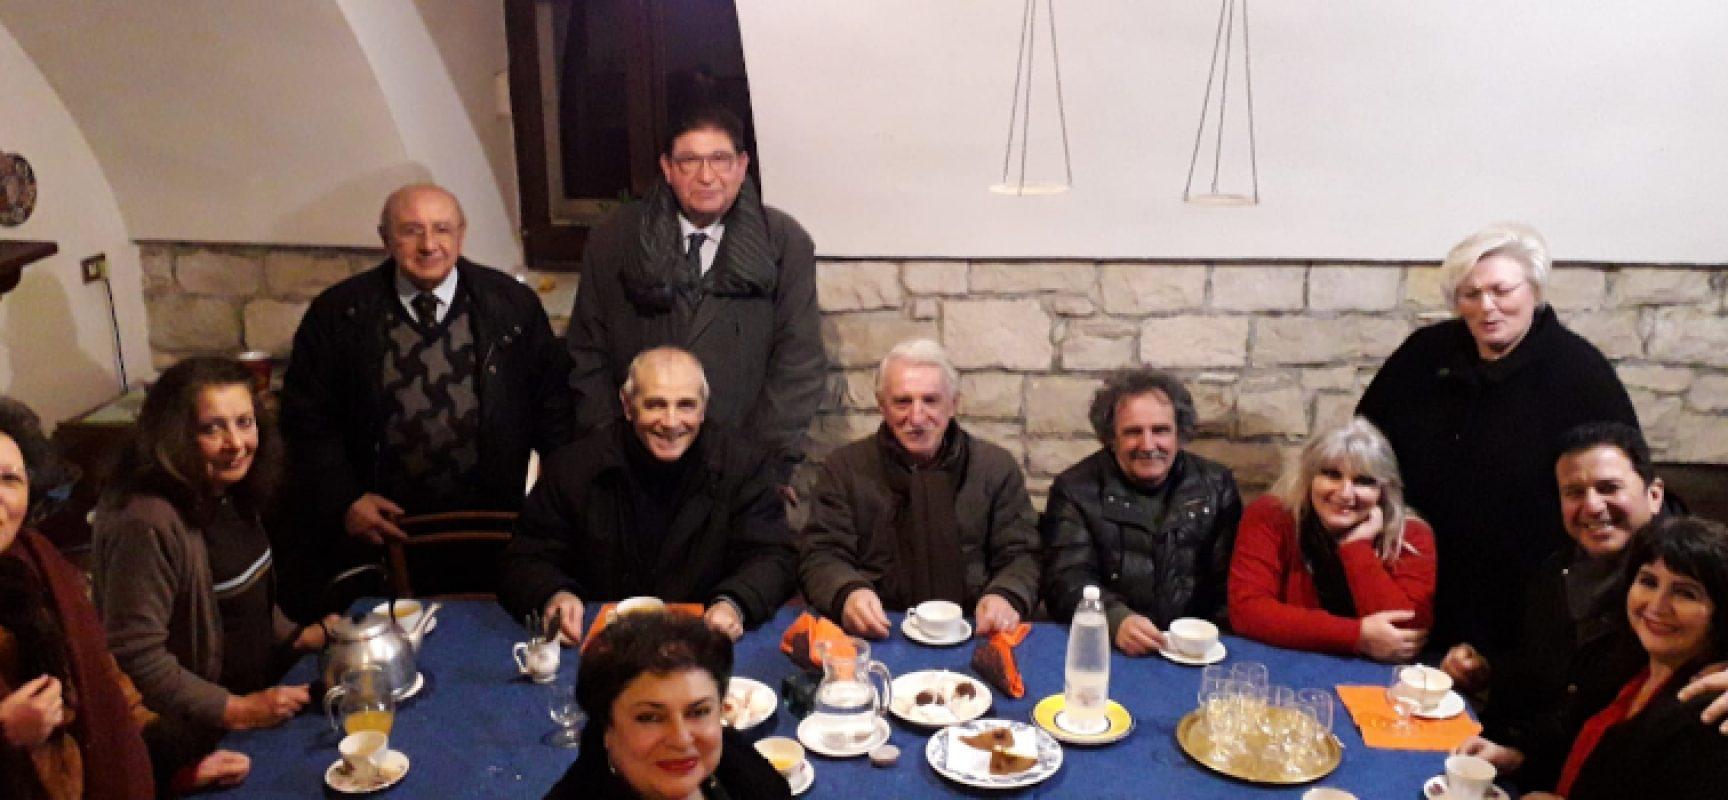 Club per l'Unesco Bisceglie, terzo mandato per Pina Catino / ORGANIGRAMMA completo